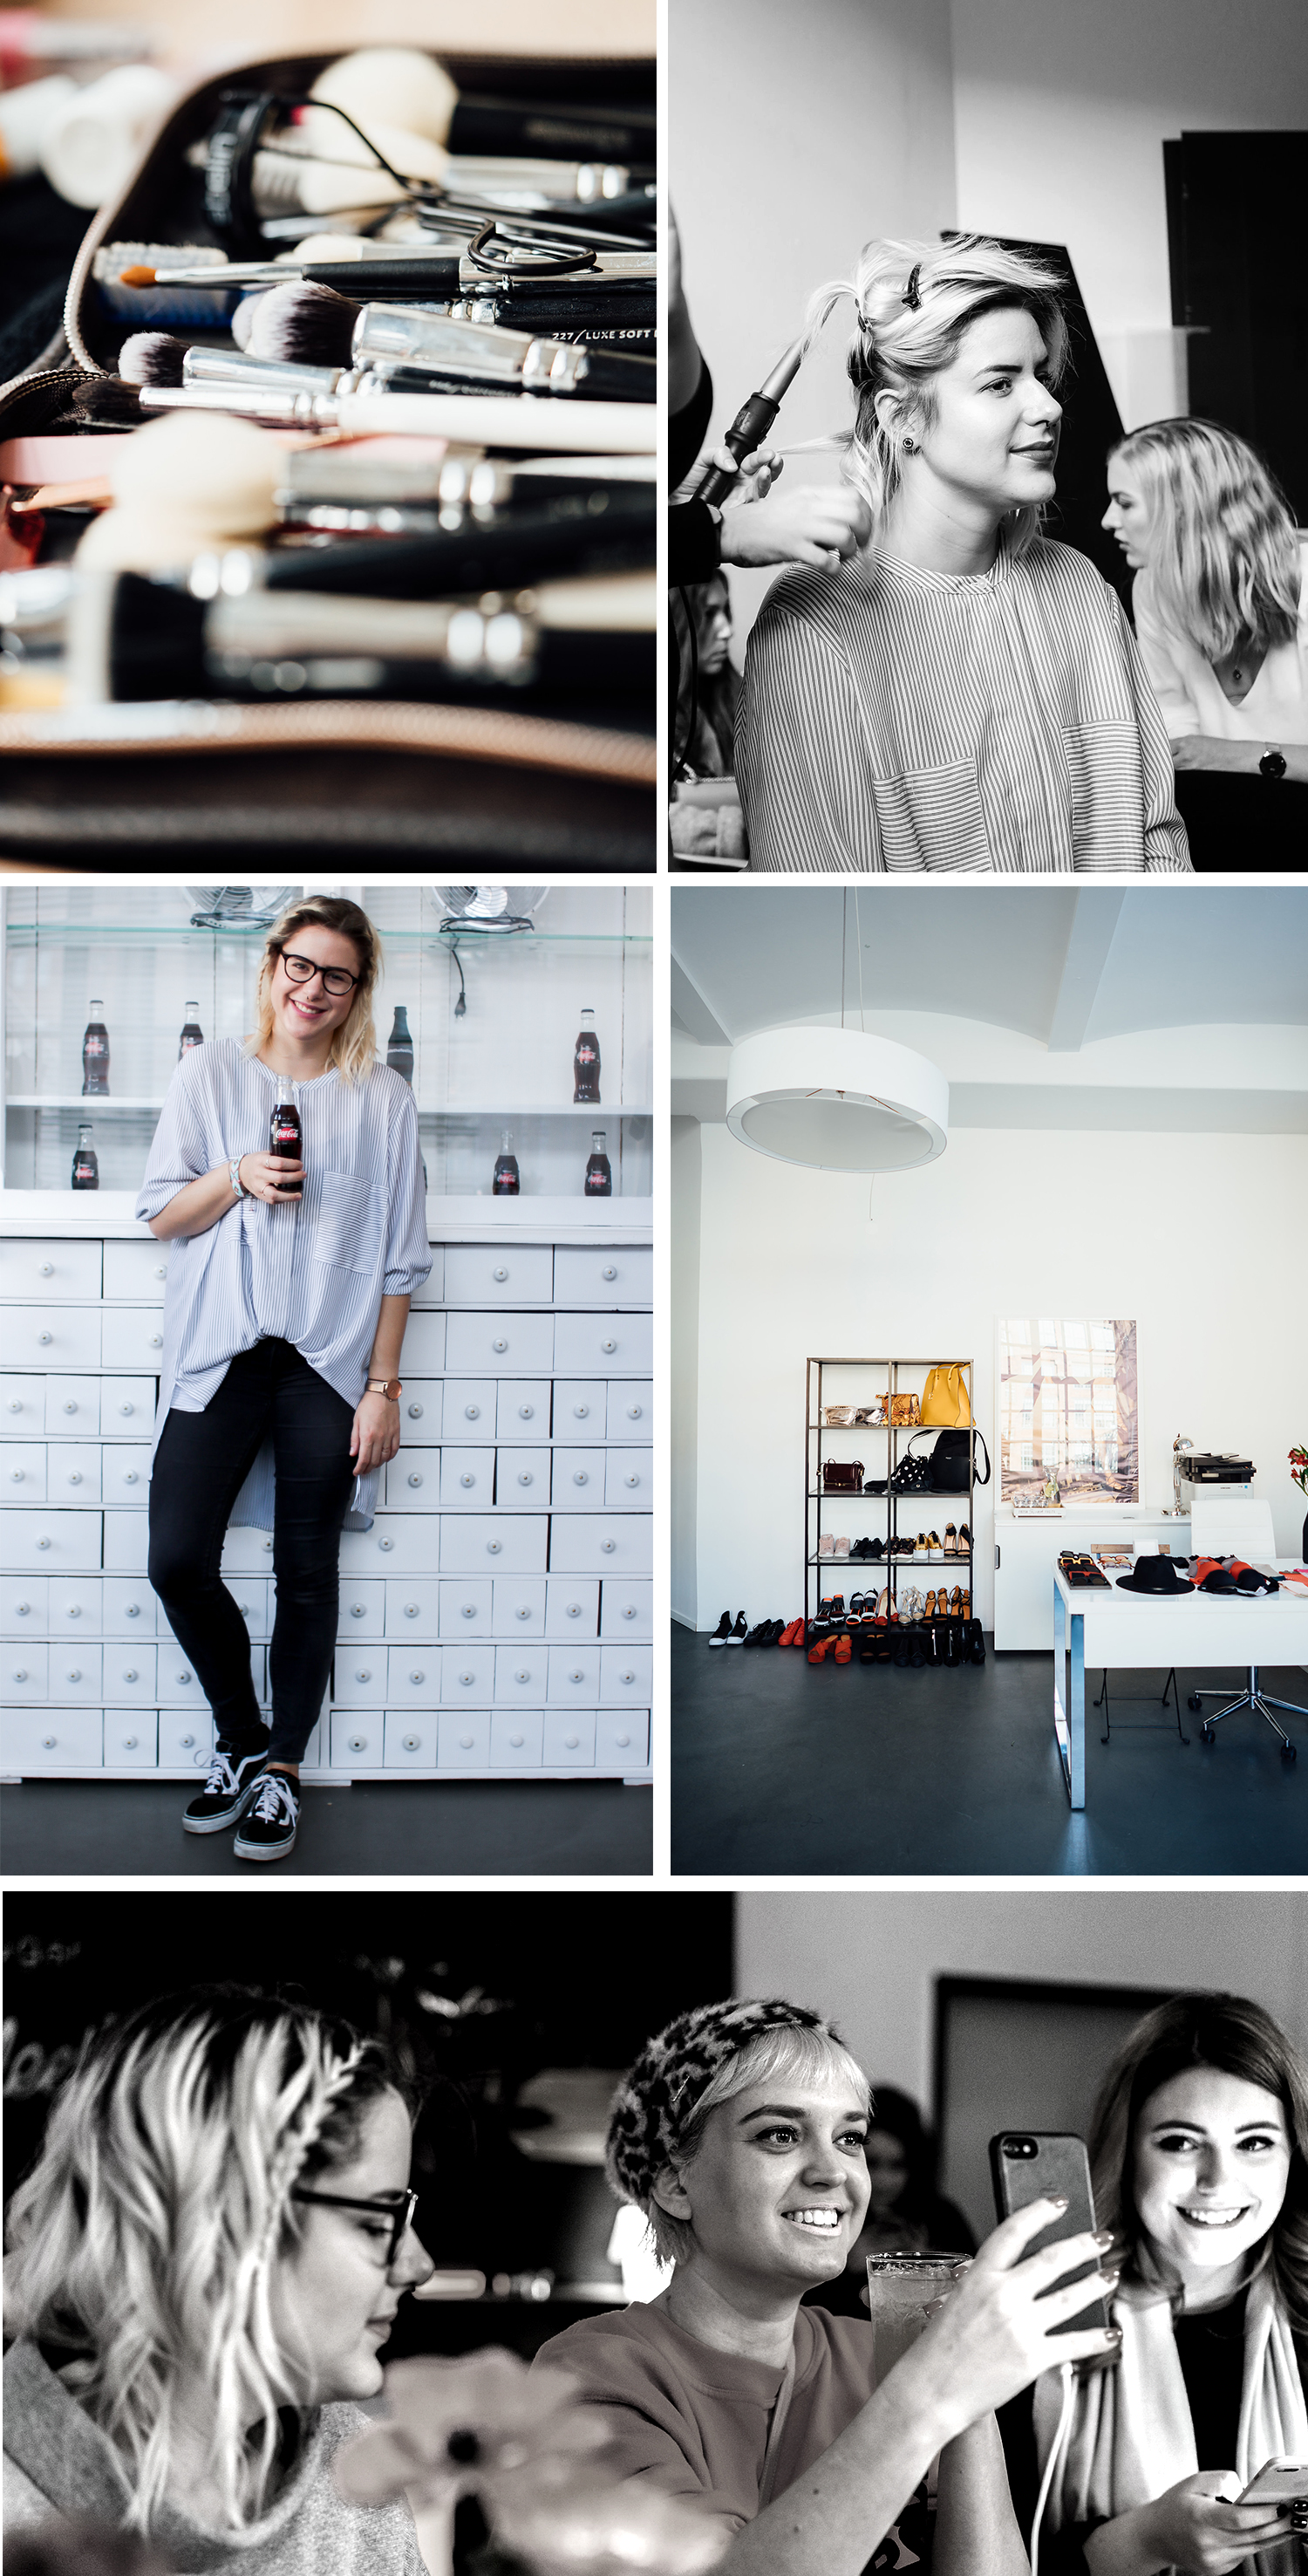 tastethefeeling with coke zero sugar ein zimmer voller bilder. Black Bedroom Furniture Sets. Home Design Ideas